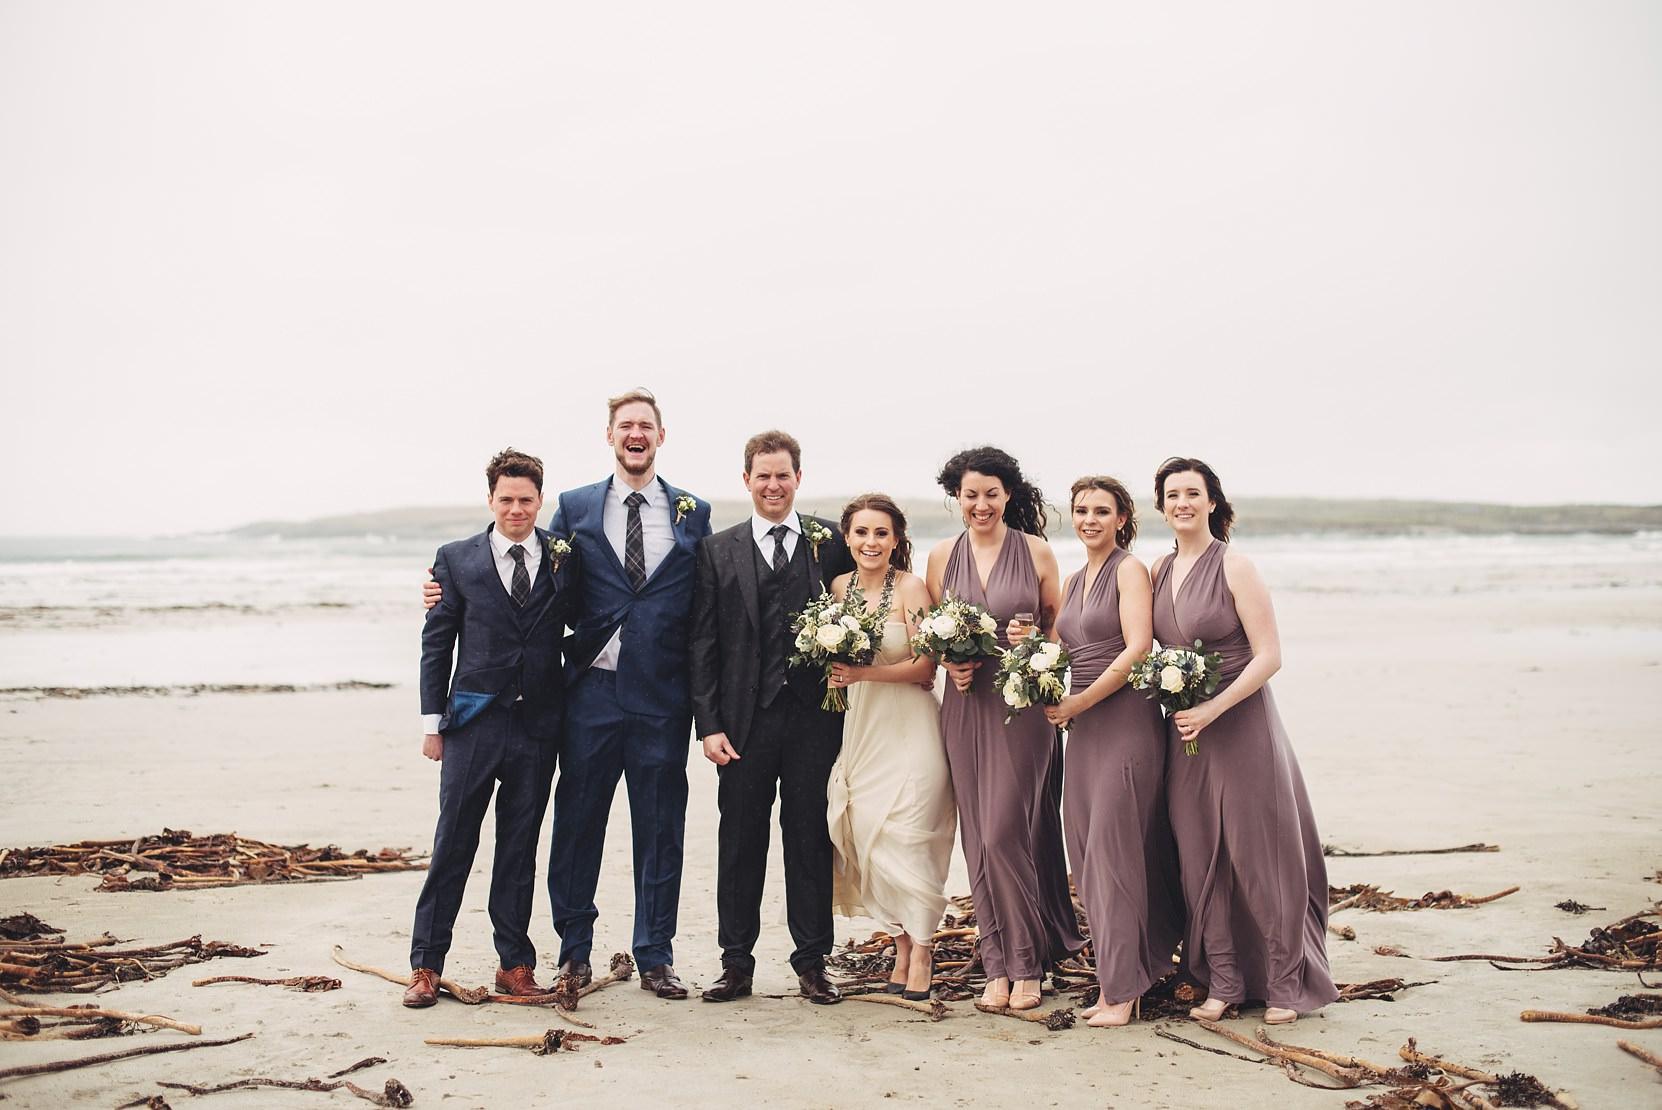 Portnoo-Wedding-Photography_0103